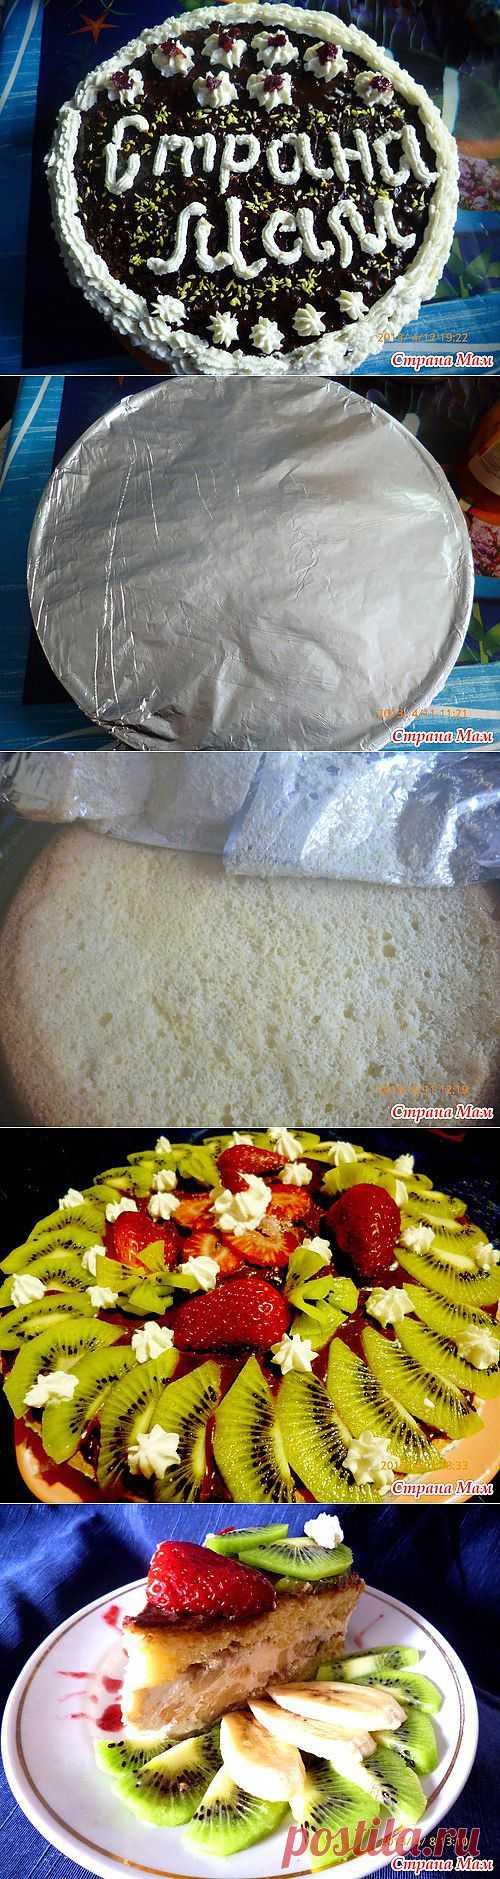 Бисквитный торт с творожным кремом и фруктами: Домашнее хозяйство - Страна Мам